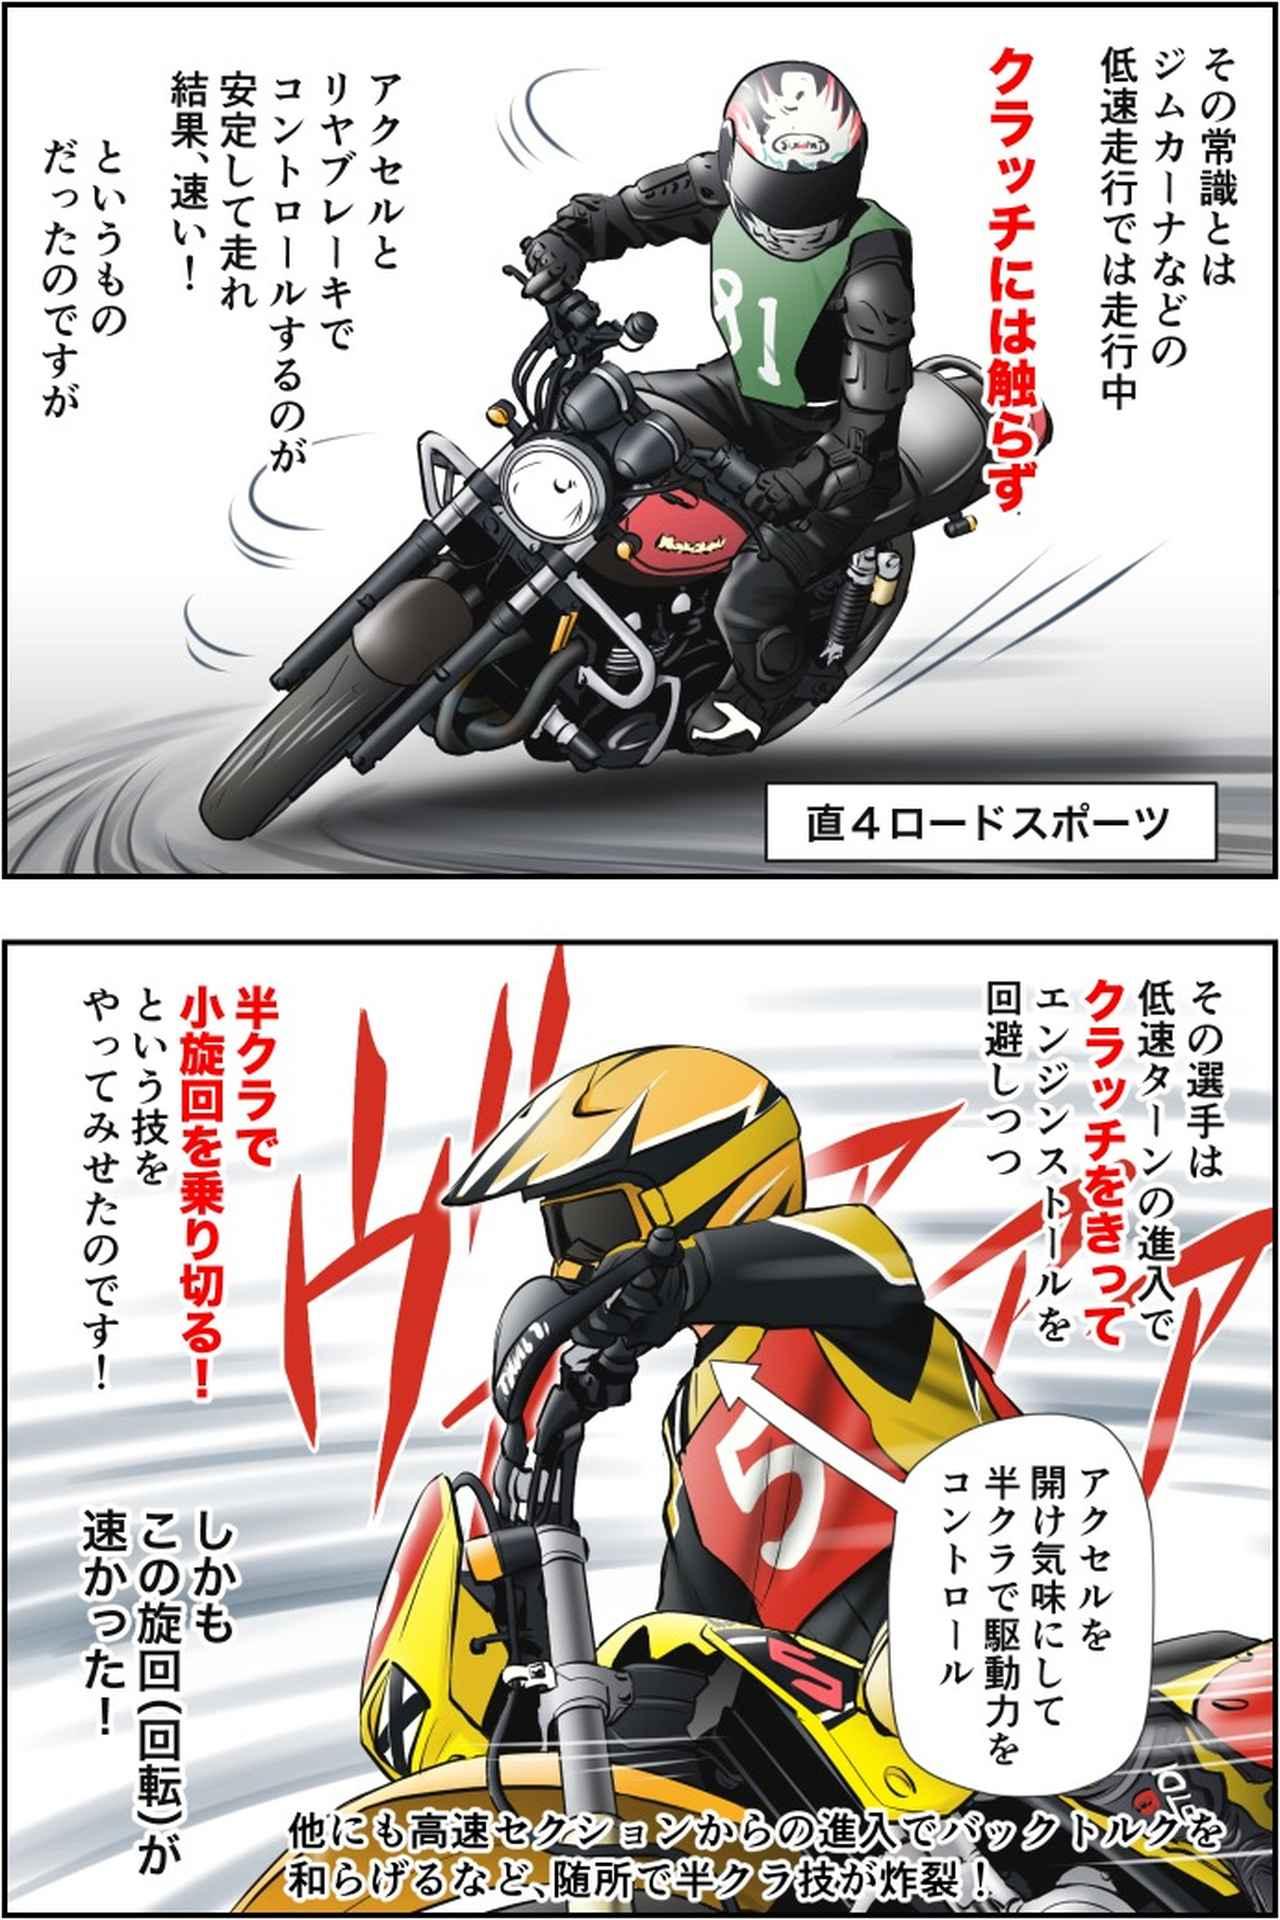 画像3: Motoジム! おまけのコーナー(モタードの走法!)  作・ばどみゅーみん